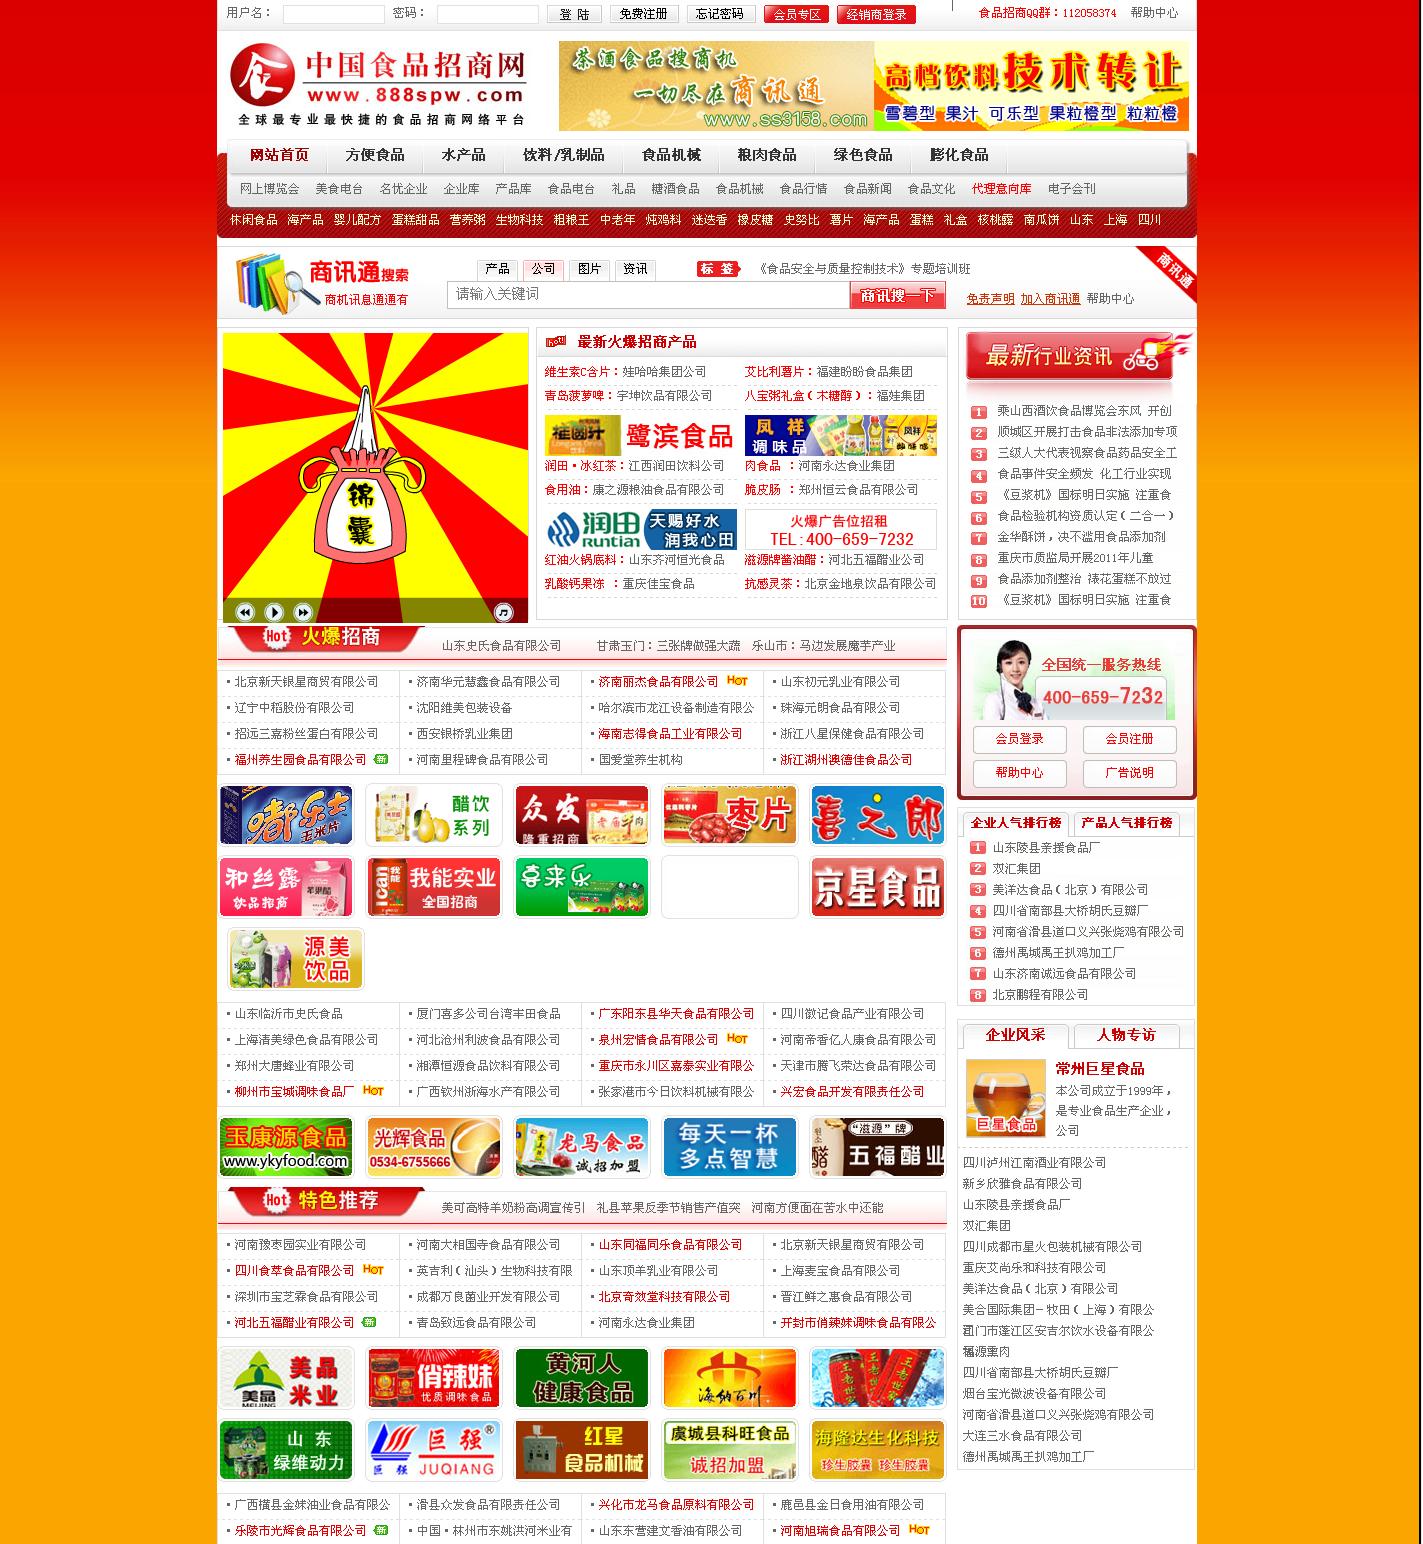 食品行业门户网站